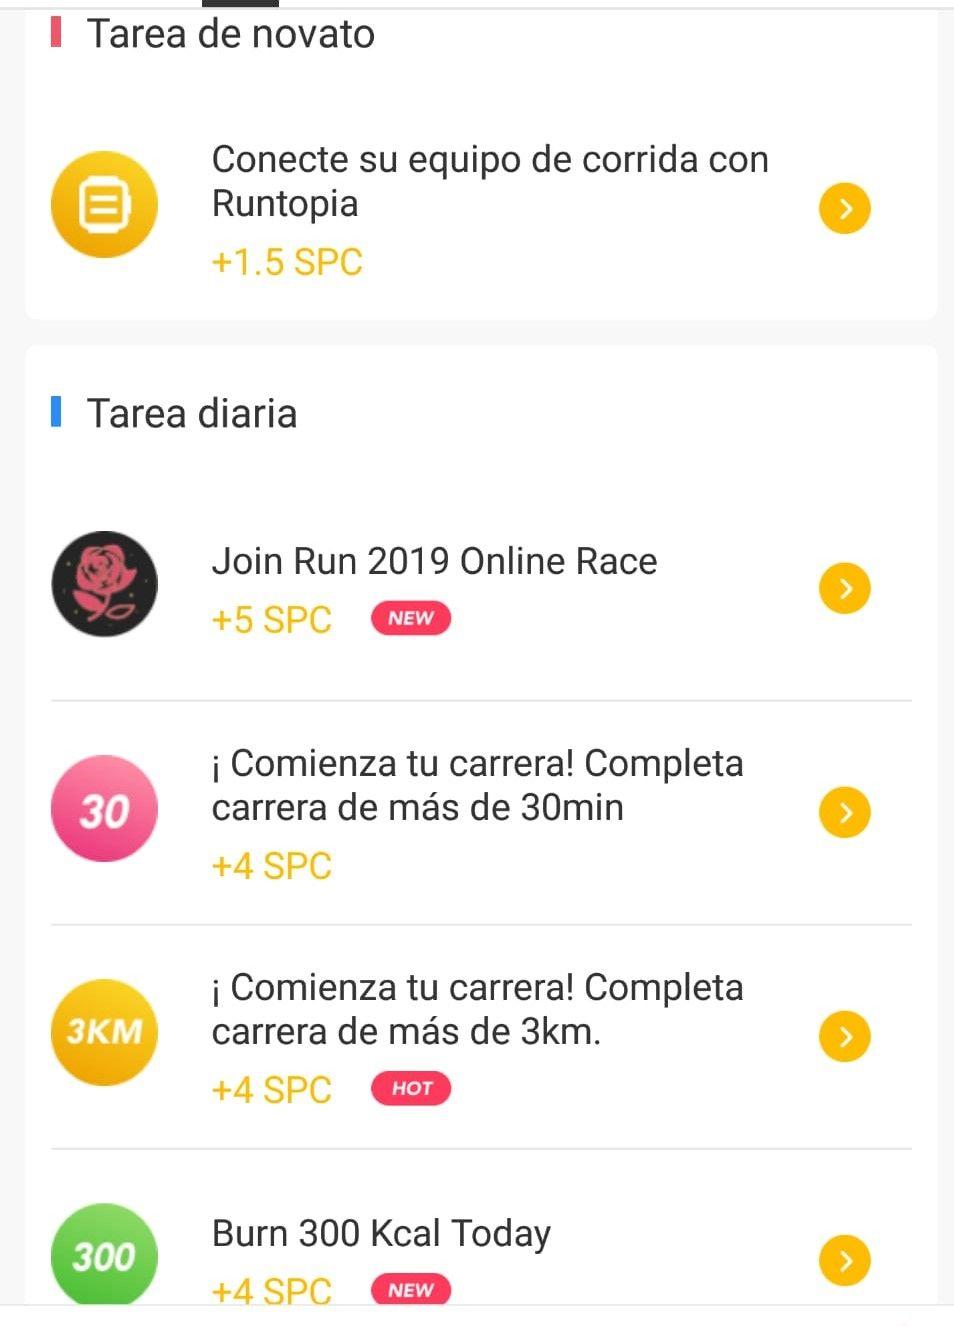 ganar dinero corriendo o andando